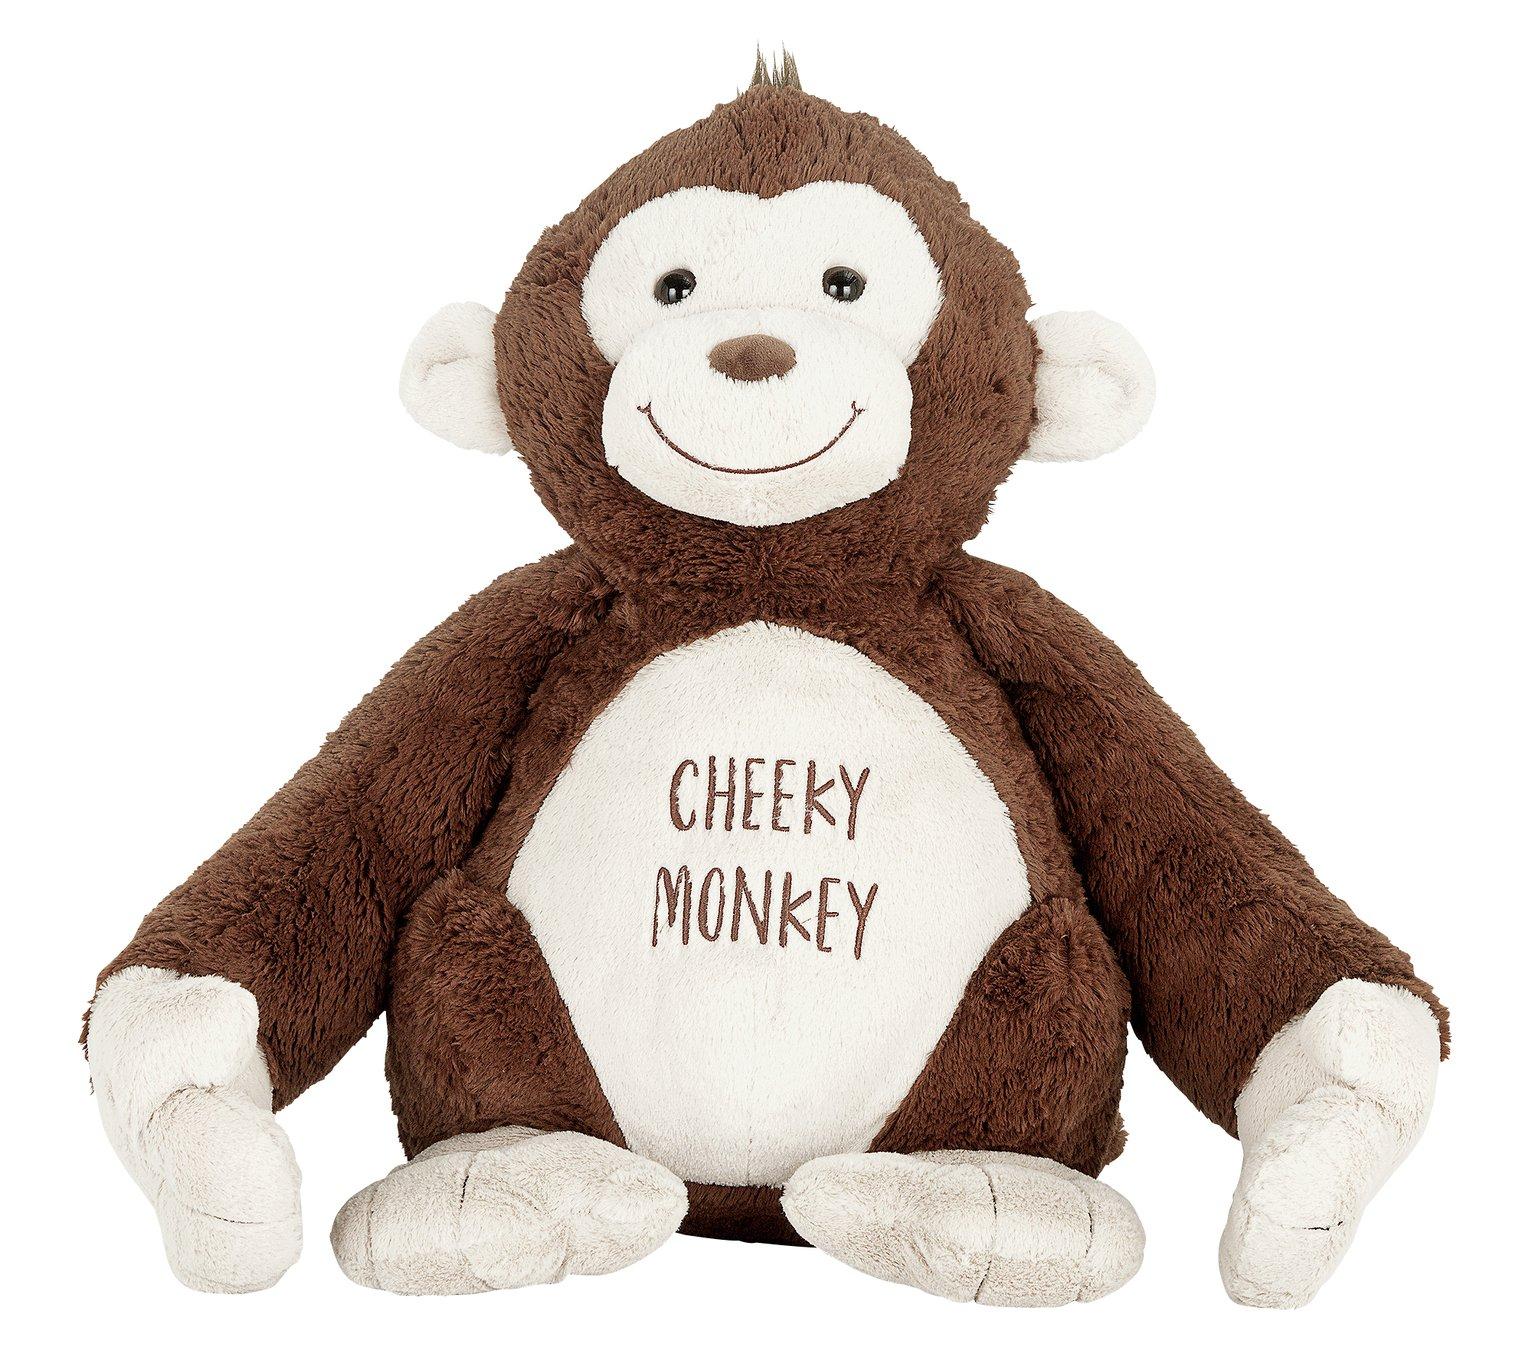 56cm Tall Monkey Plush for £2.24 @ Argos